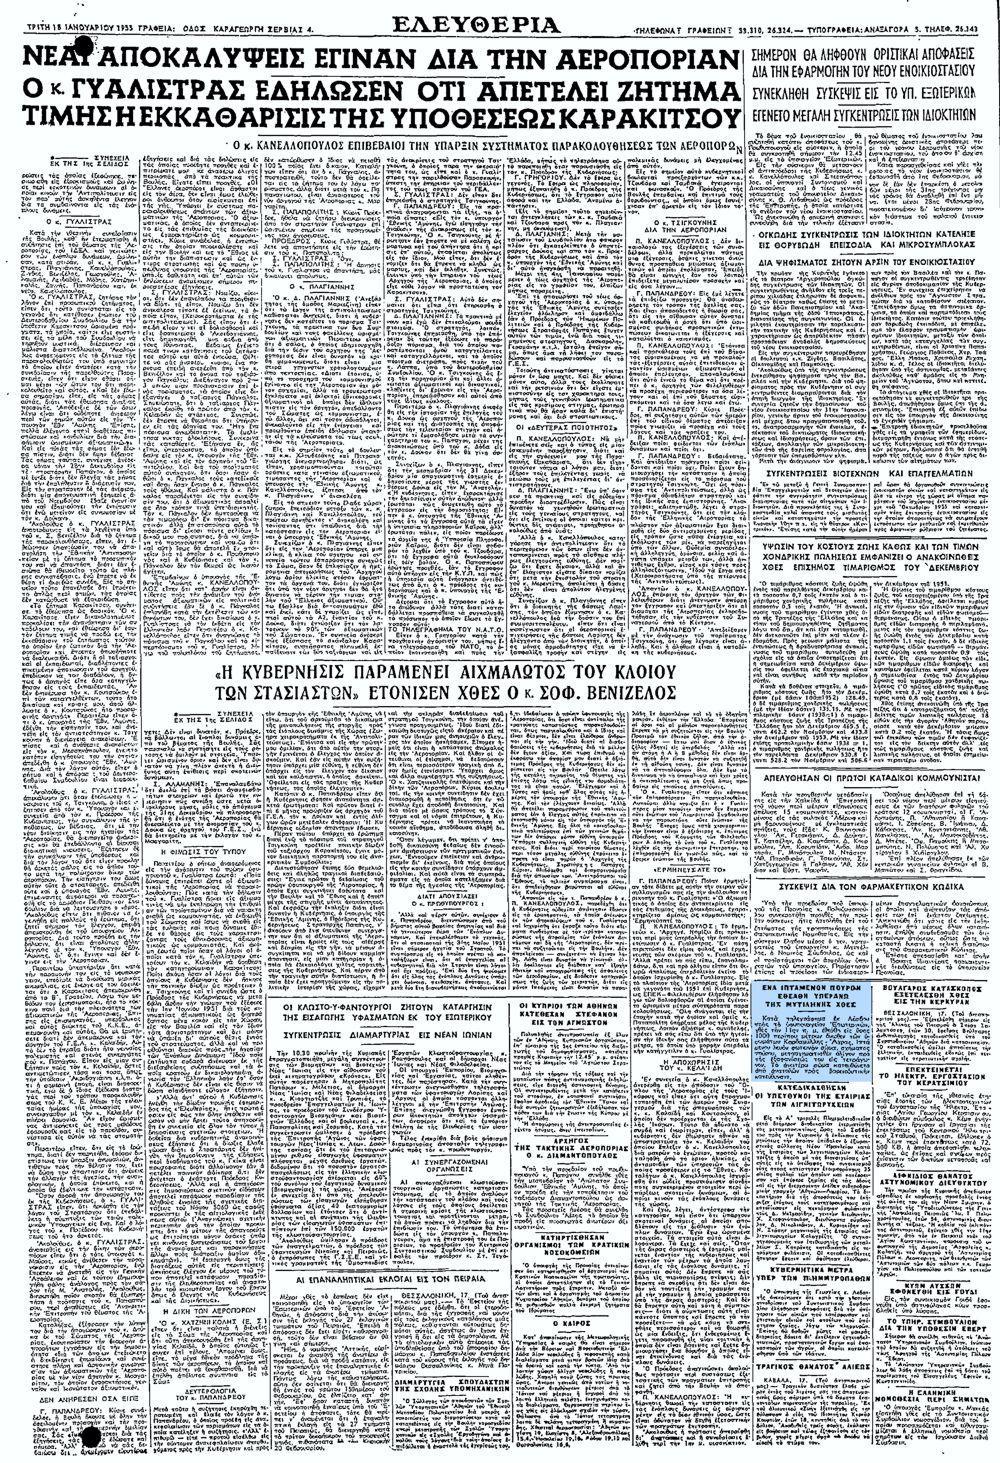 """Το άρθρο, όπως δημοσιεύθηκε στην εφημερίδα """"ΕΛΕΥΘΕΡΙΑ"""", στις 18/01/1955"""